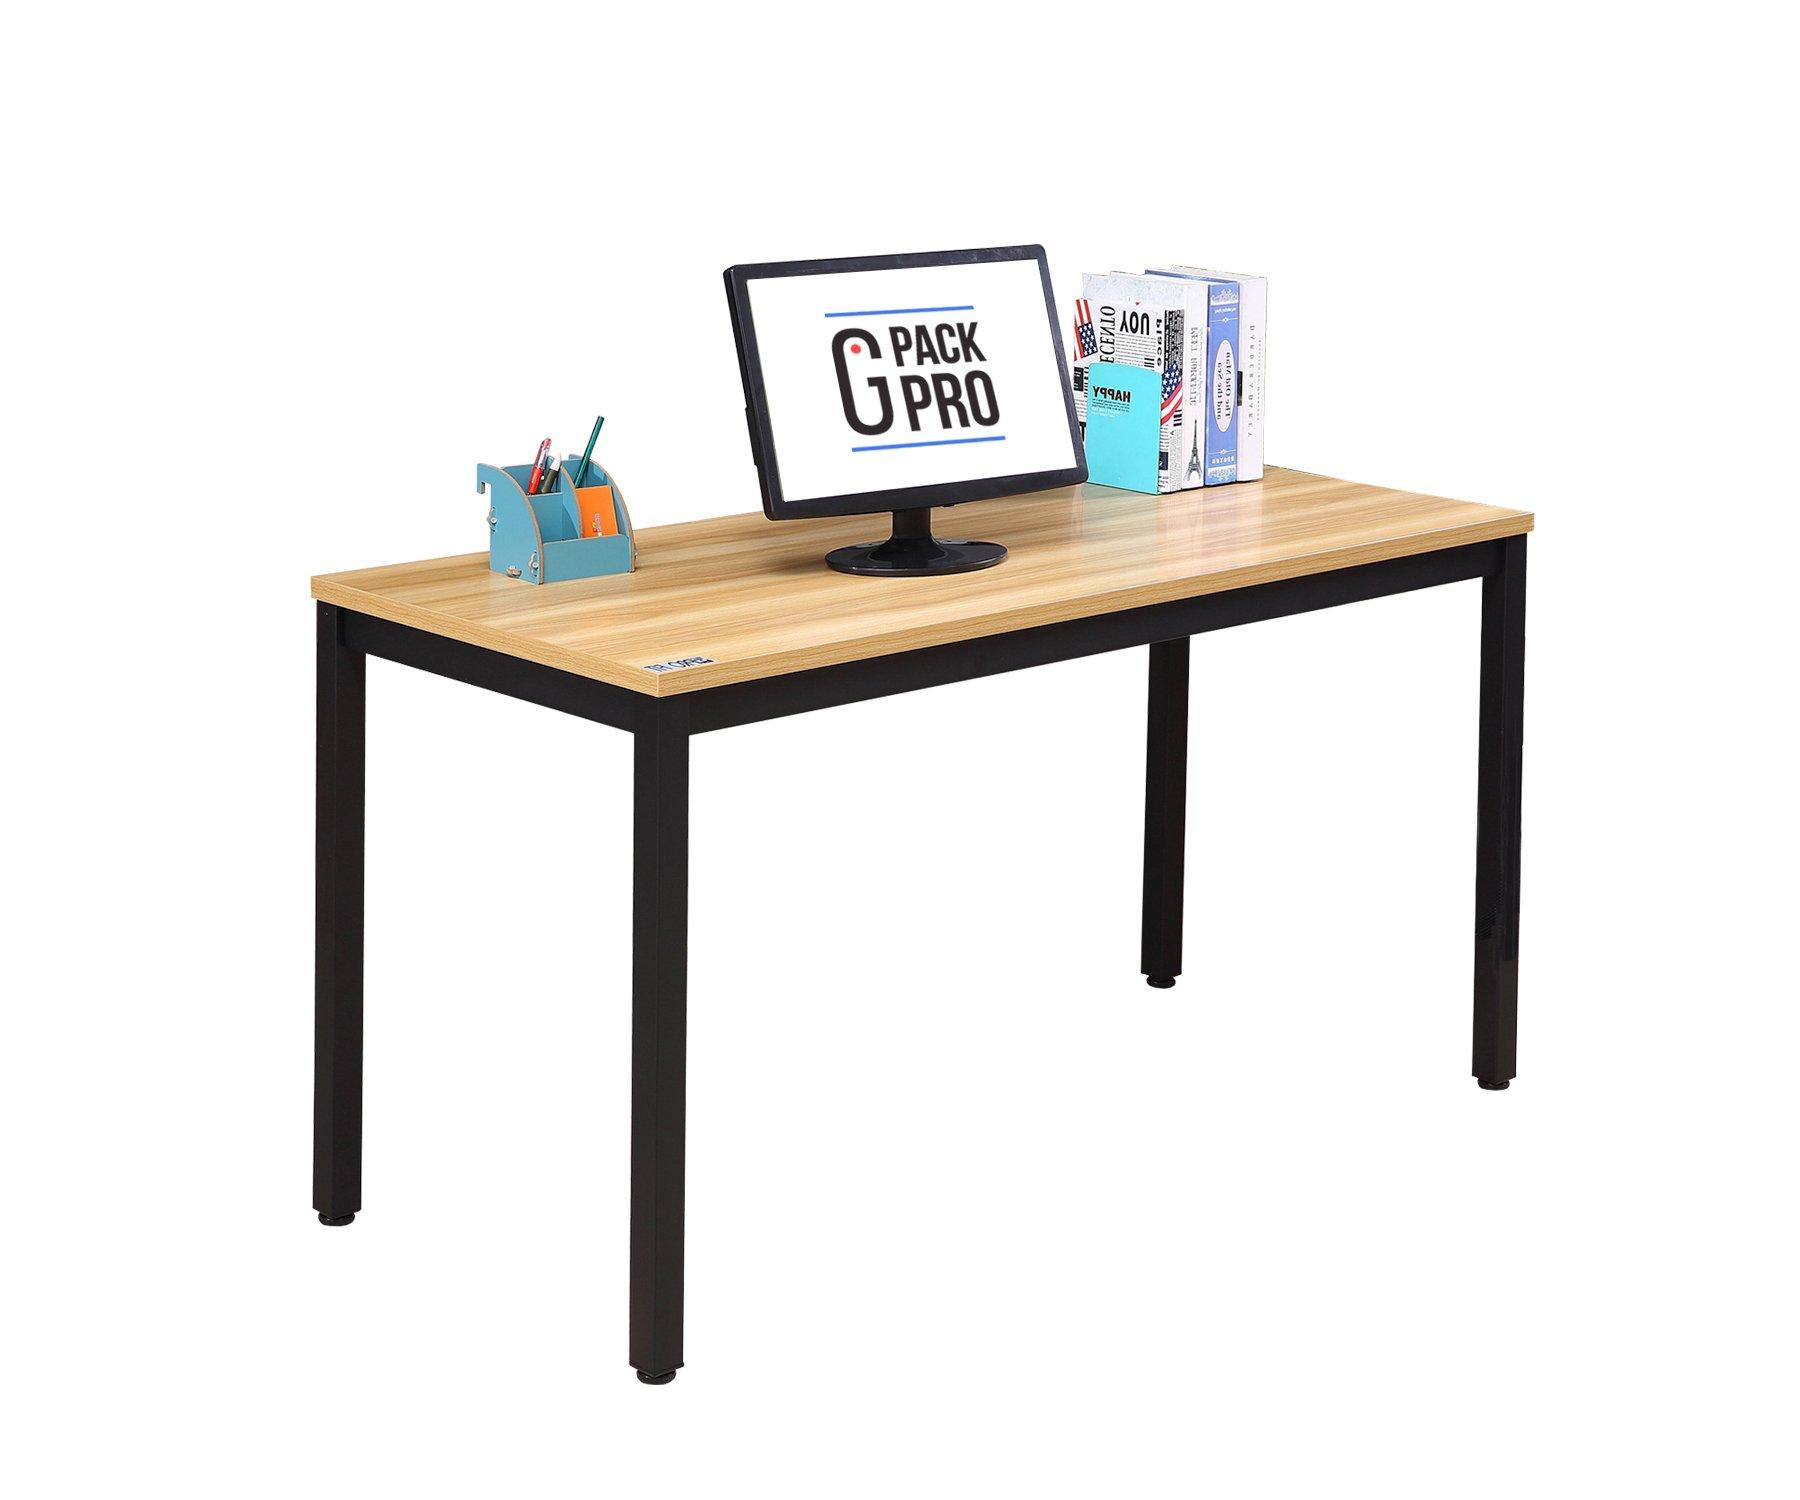 G-Pack Pro Computer Desk 55'' Large Size Office Desk Workstation for Home & Office Use, Light Walnut (GPPTBL)